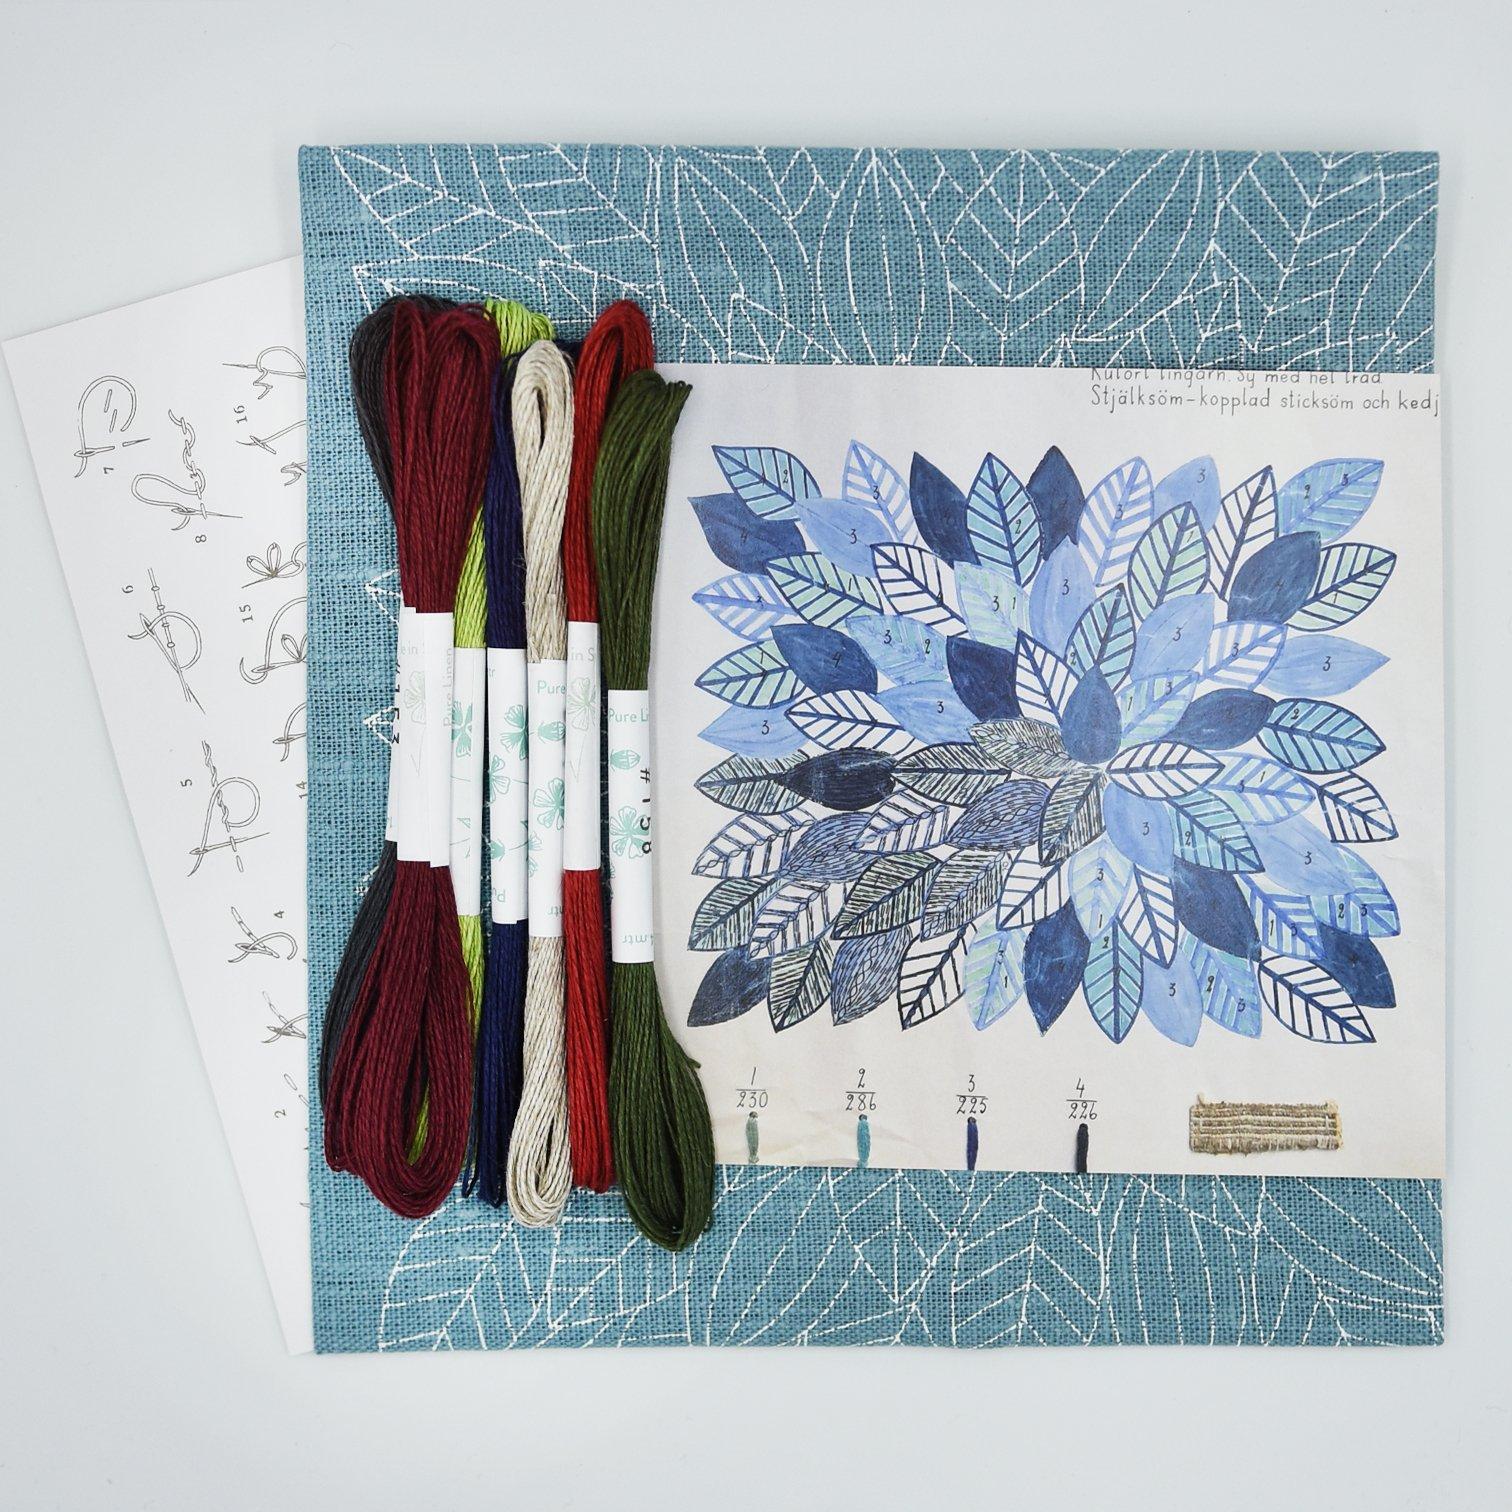 Linladan - Leaves 6193 - Swedish Embroidery Kit 37